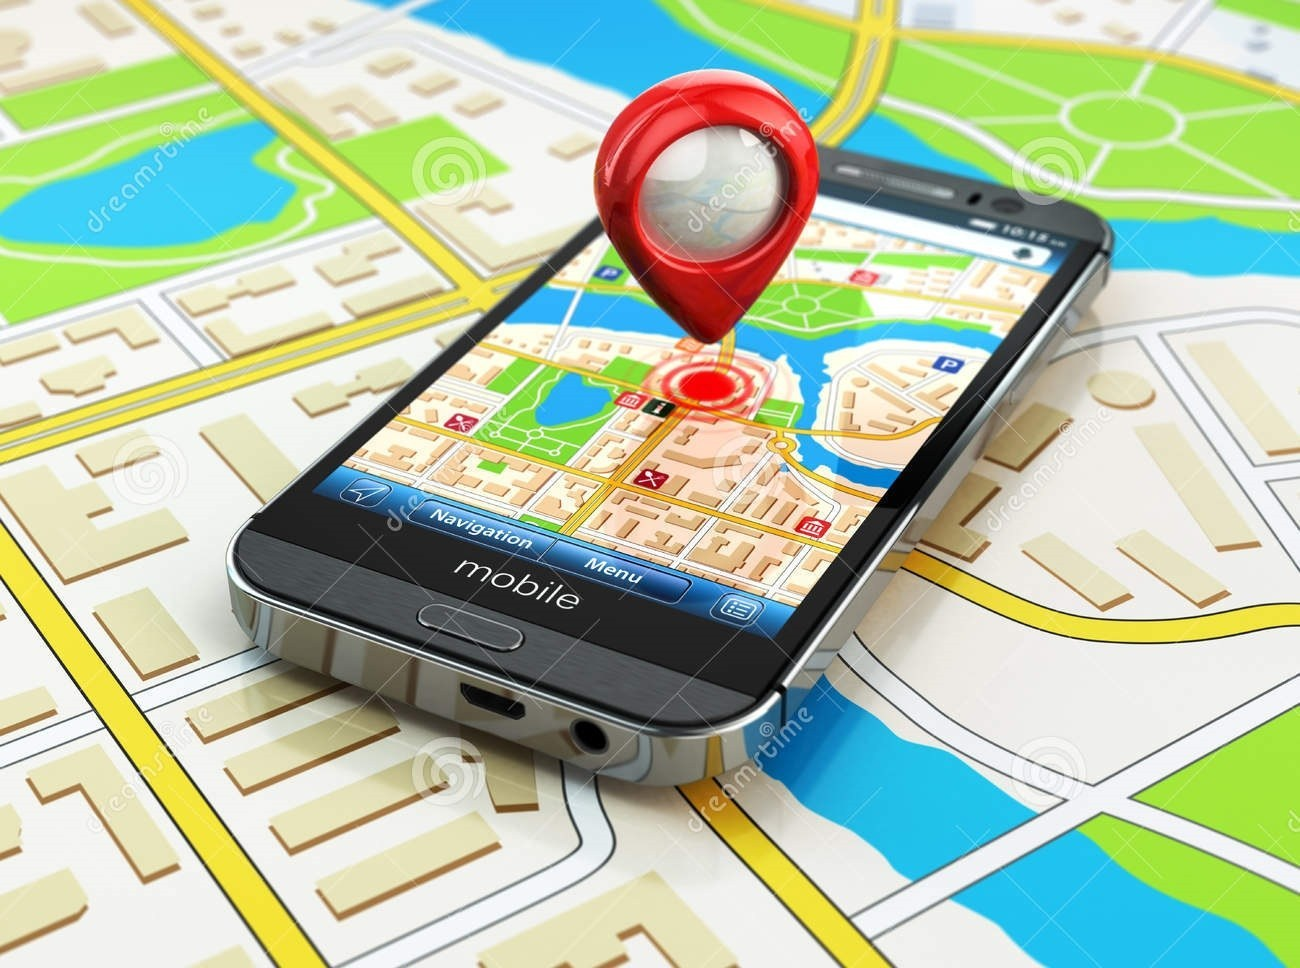 Novo chip da Broadcom fornece 10 vezes localização precisa de rastreador GPS para smartphone